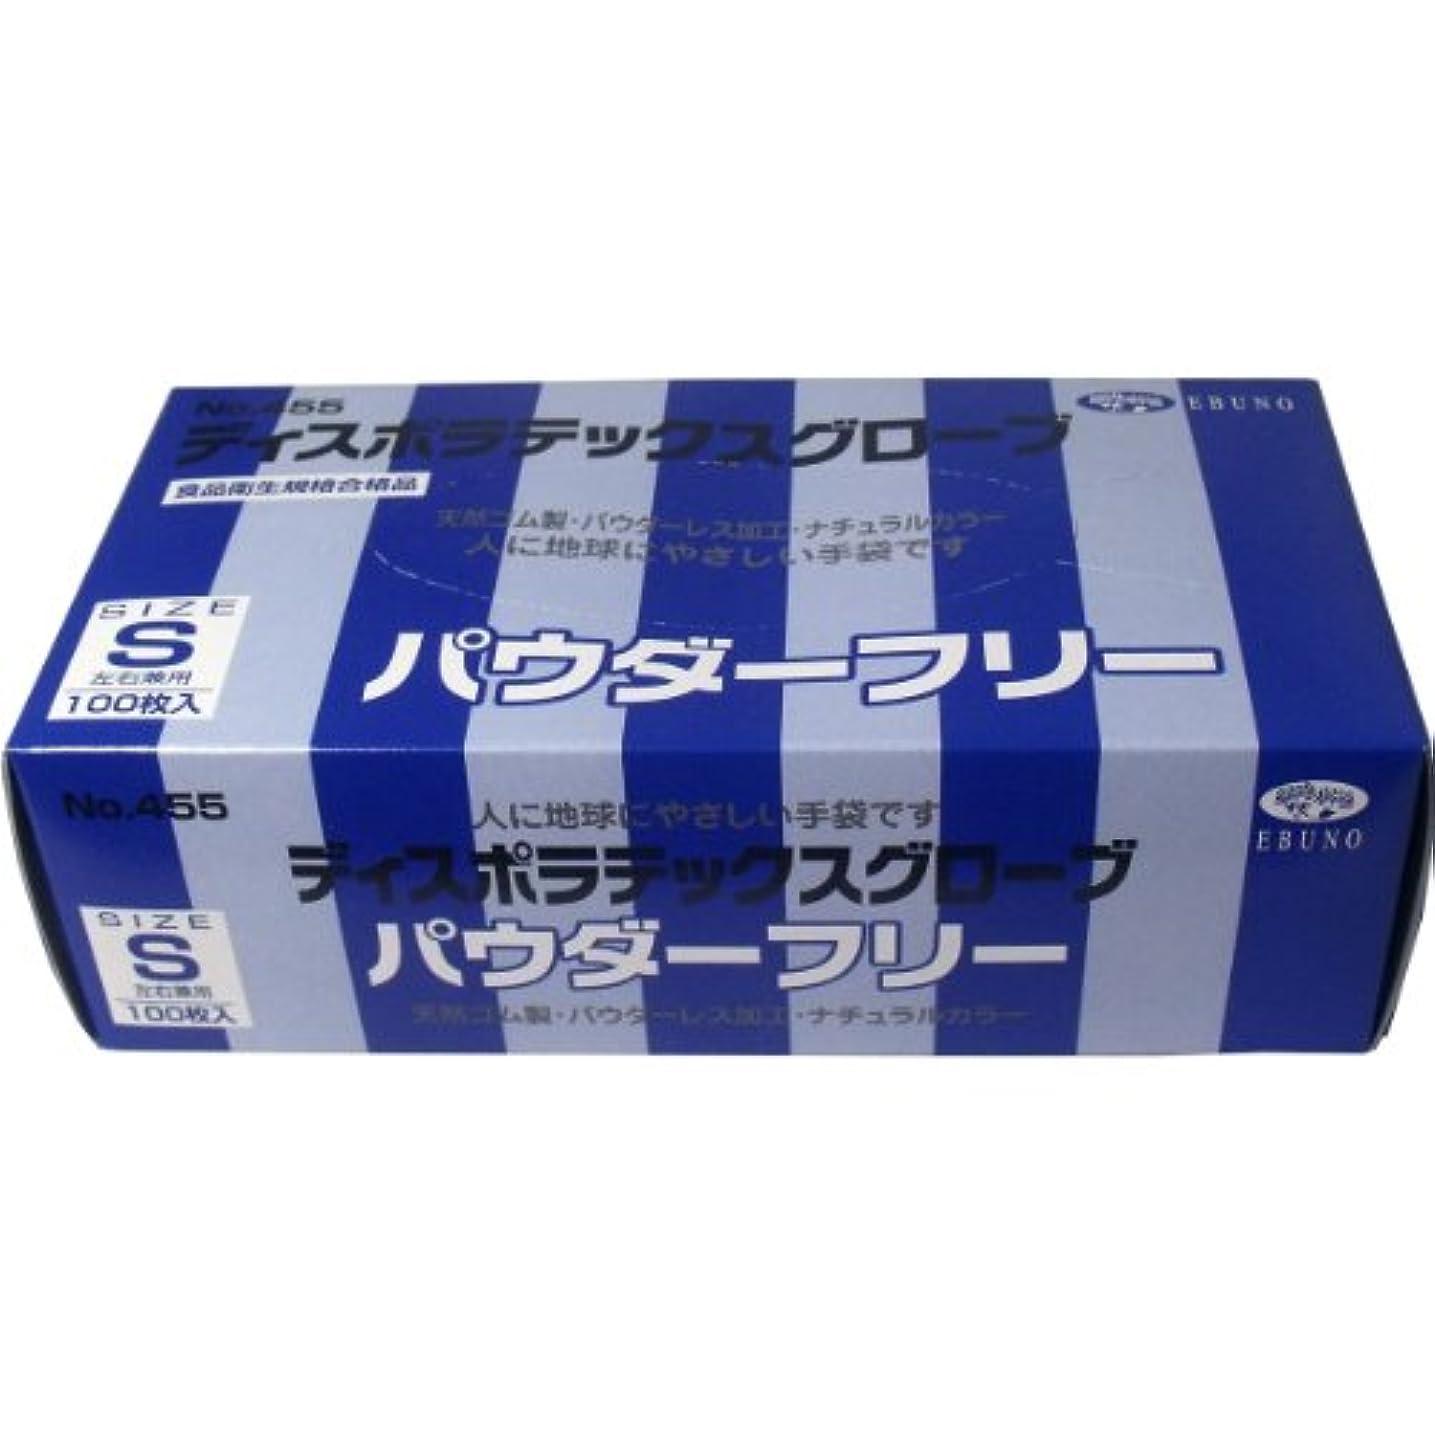 中庭信者日ディスポ ラテックスグローブ(天然ゴム手袋) パウダーフリー Sサイズ 100枚入【2個セット】